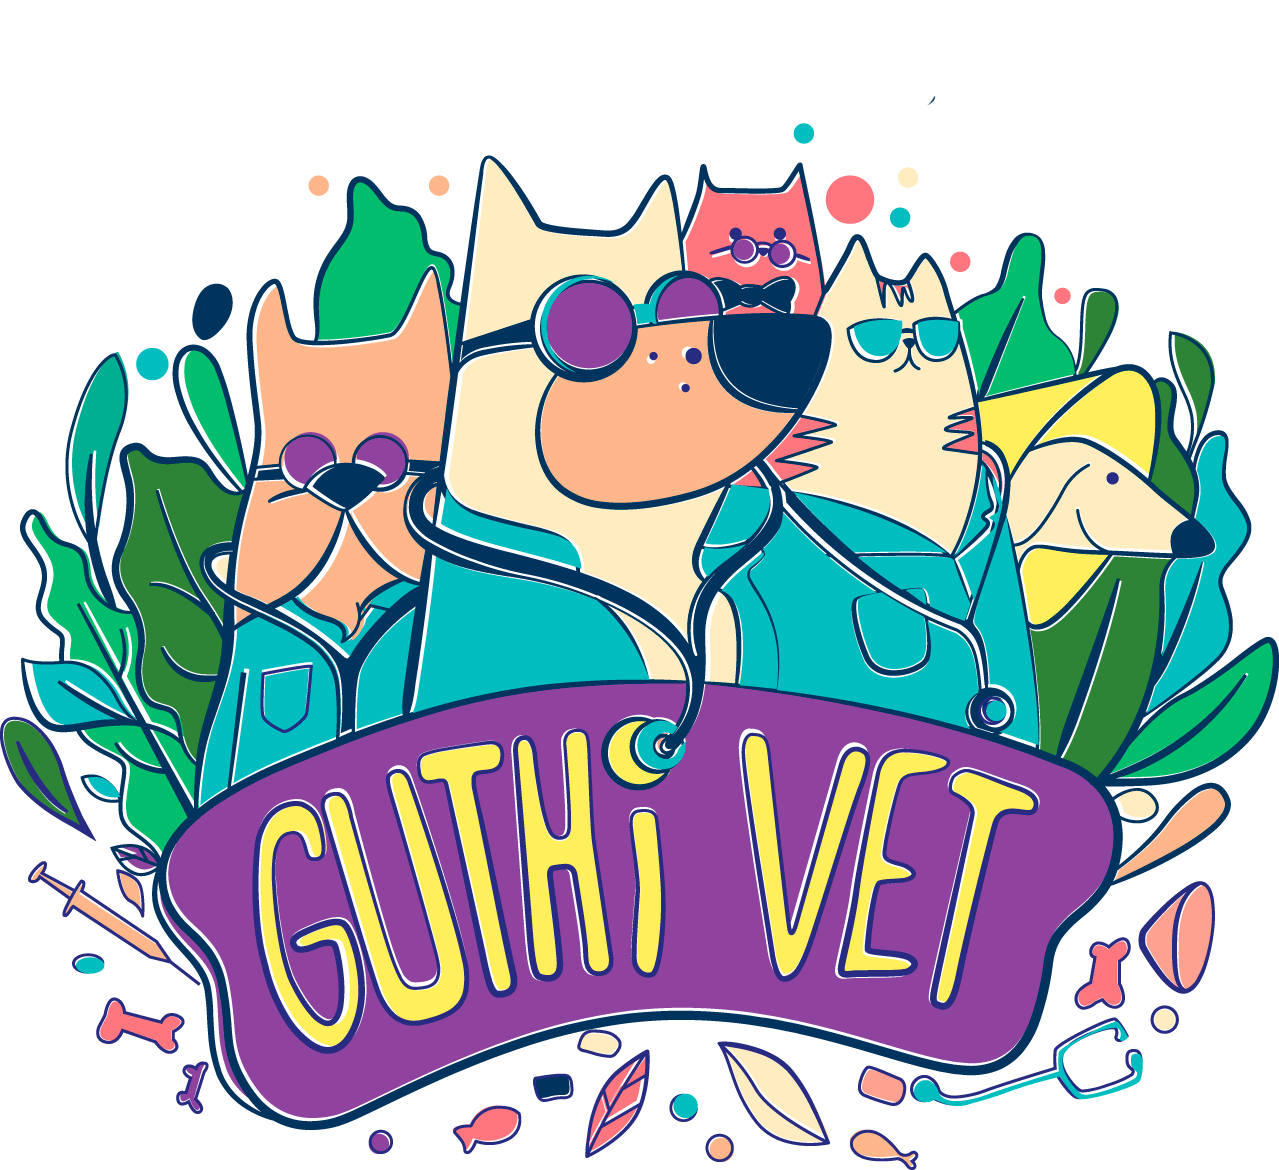 Guthivet